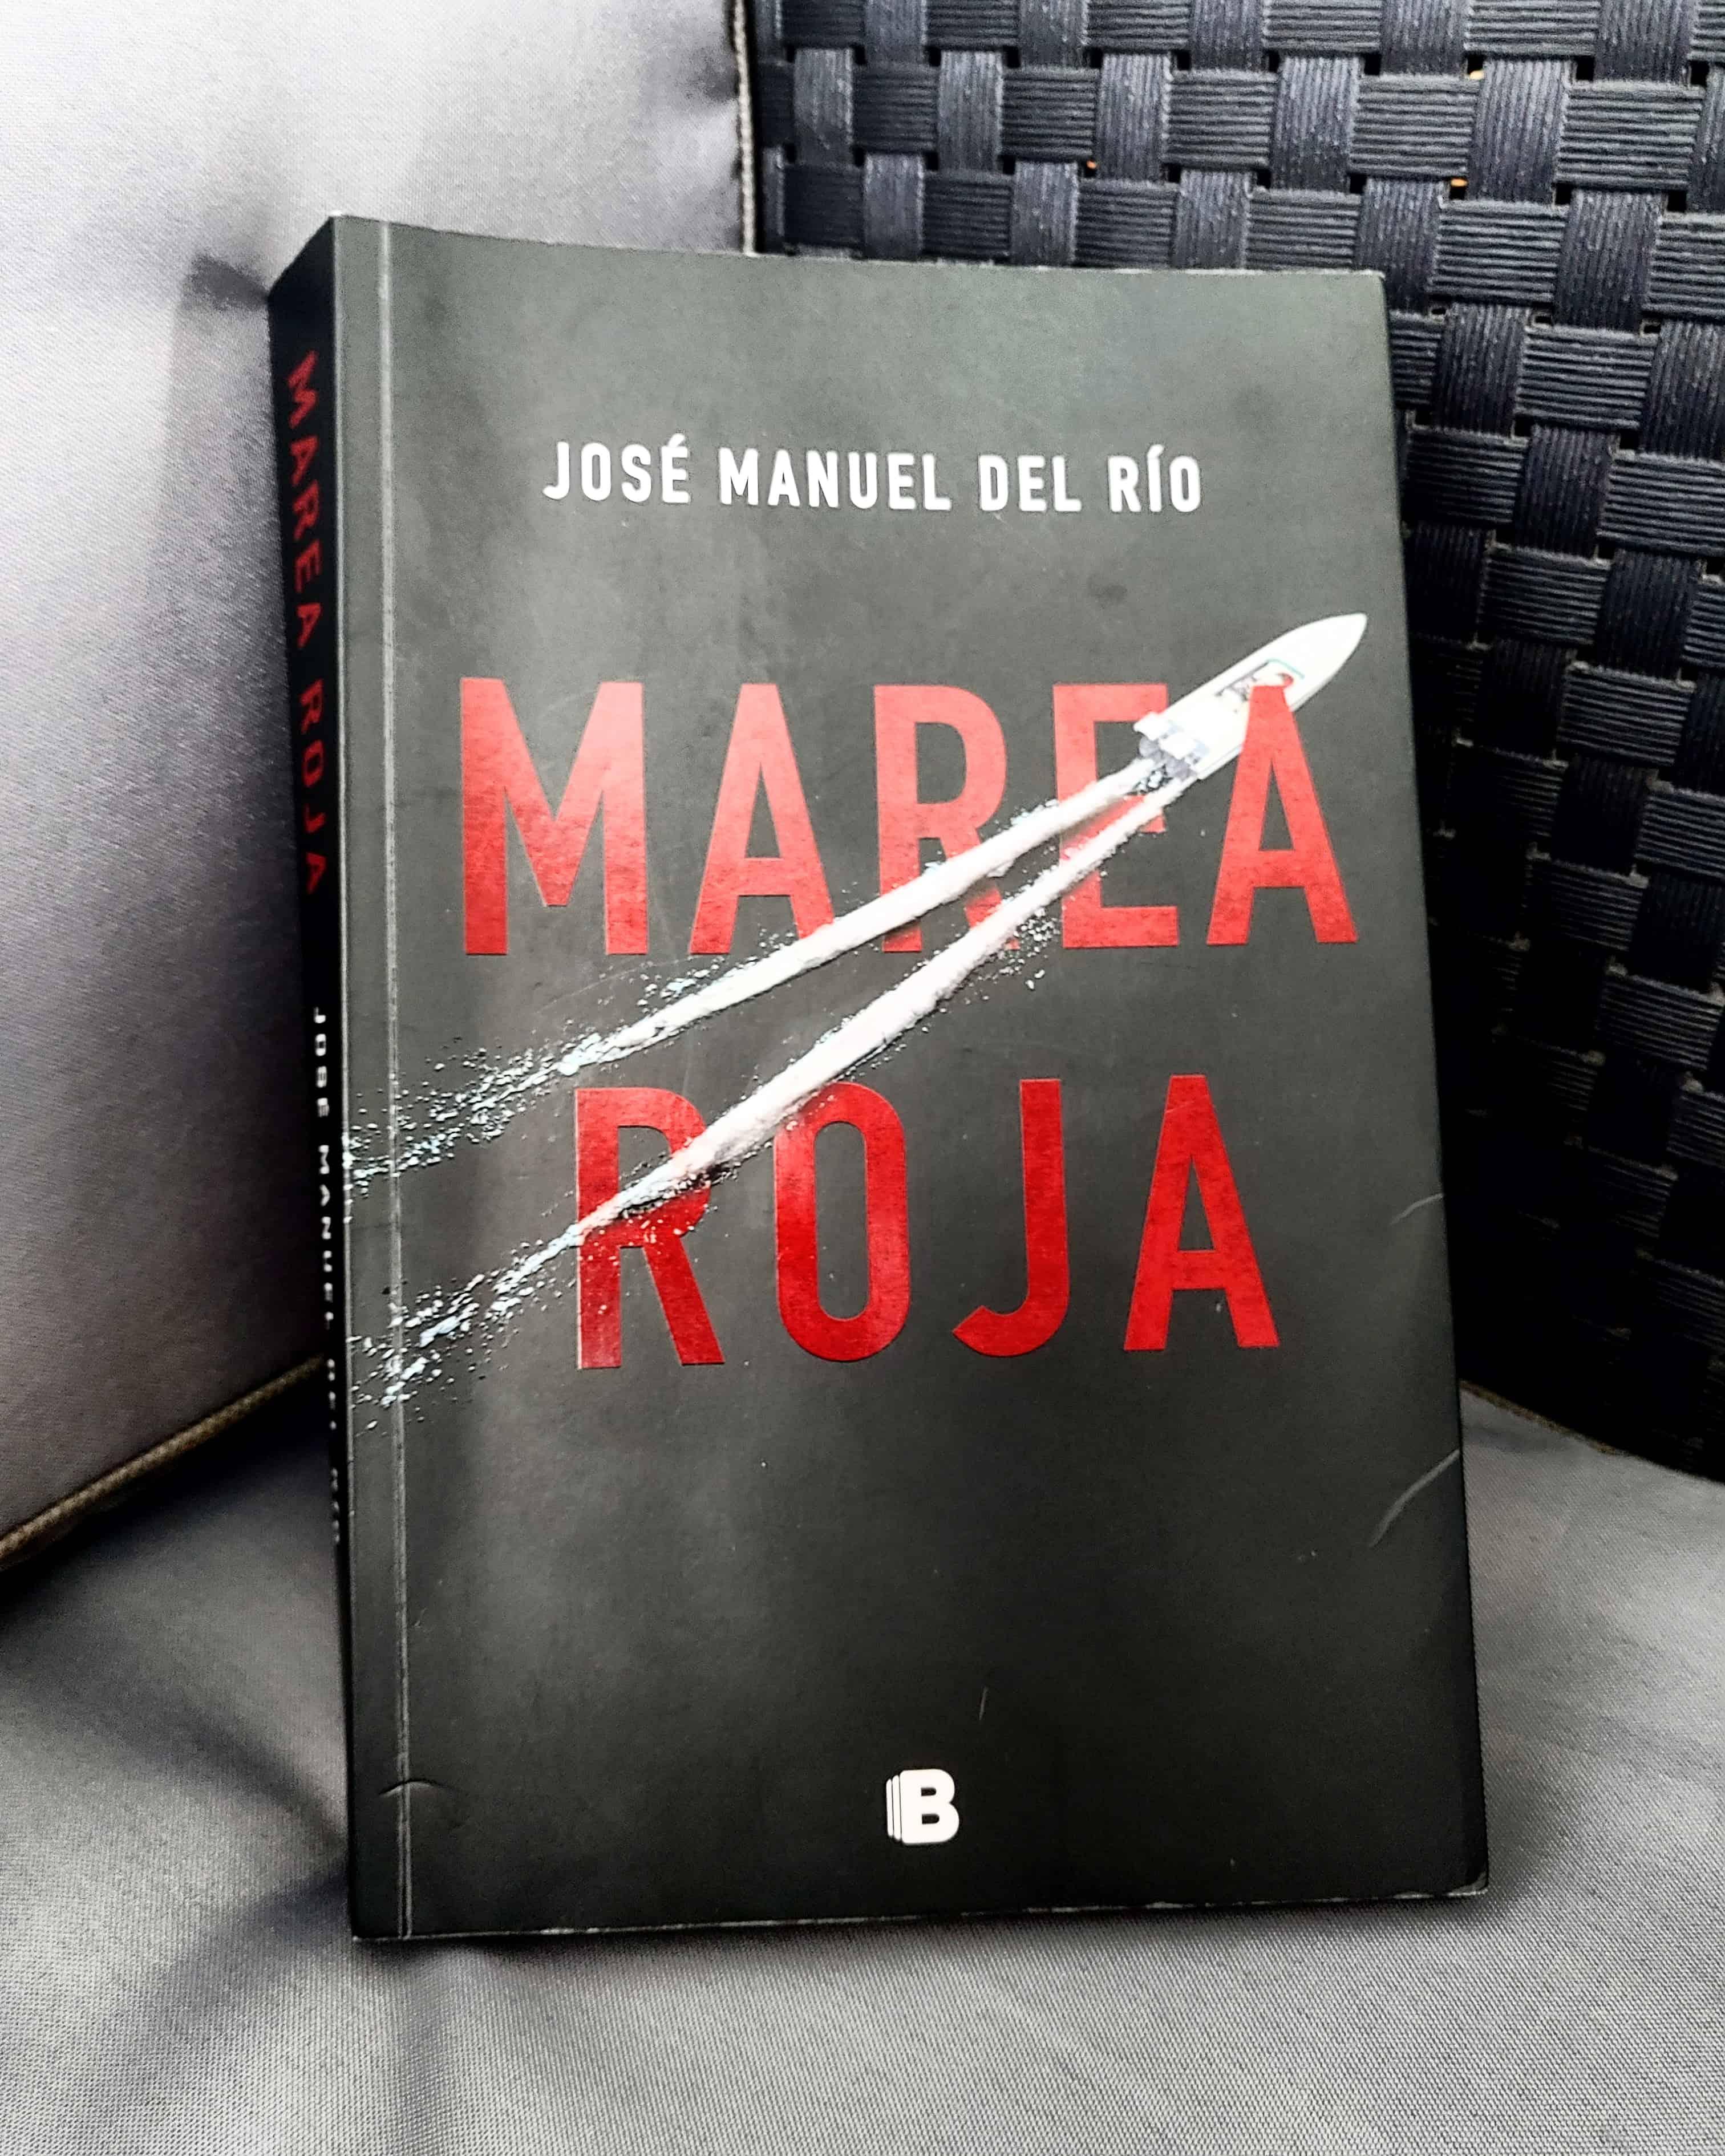 MAREA ROJA de JOSÉ MANUEL DEL RÍO